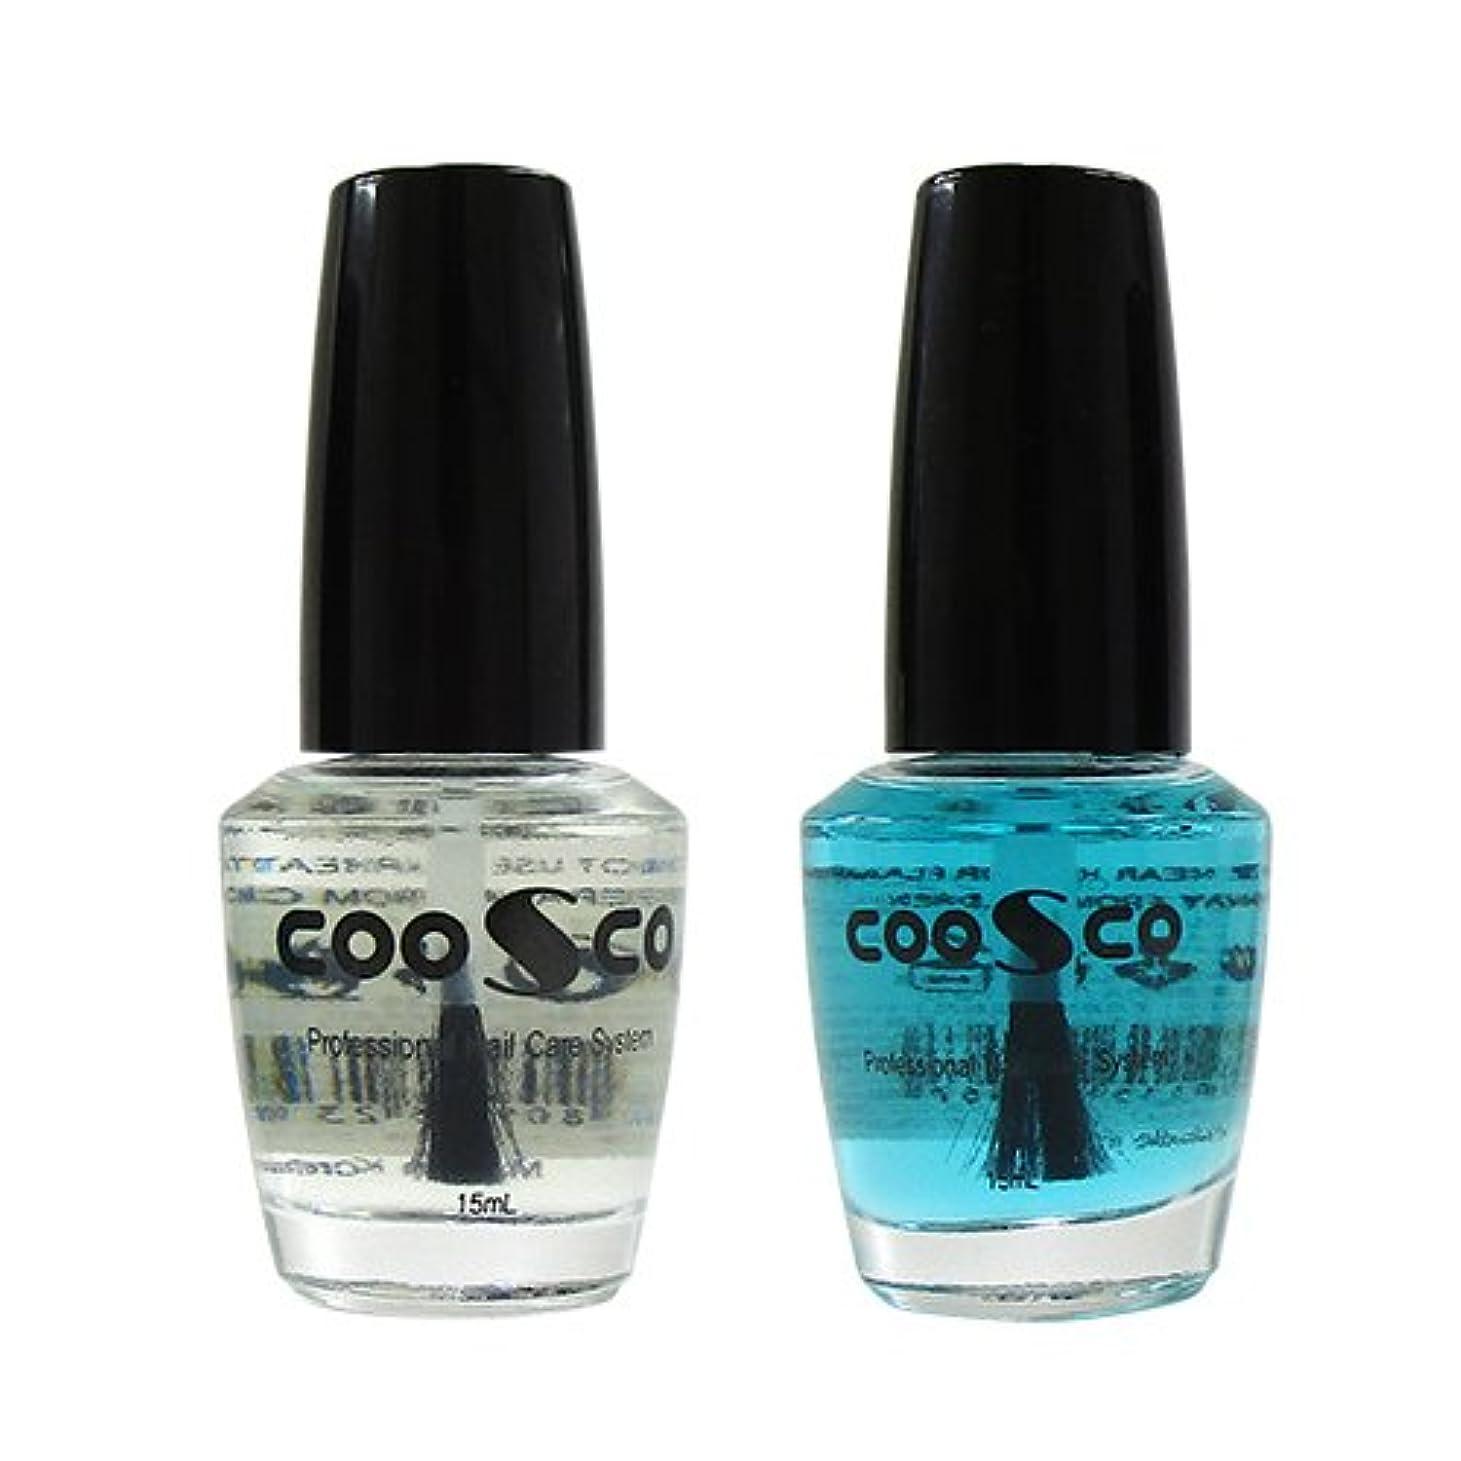 神経一元化する泥だらけチェスネイル用 CCトップコート×50個セット ※カラーは当店おまかせ! (COOSCO Professional Nail Care System CC Top Coat) 15mL